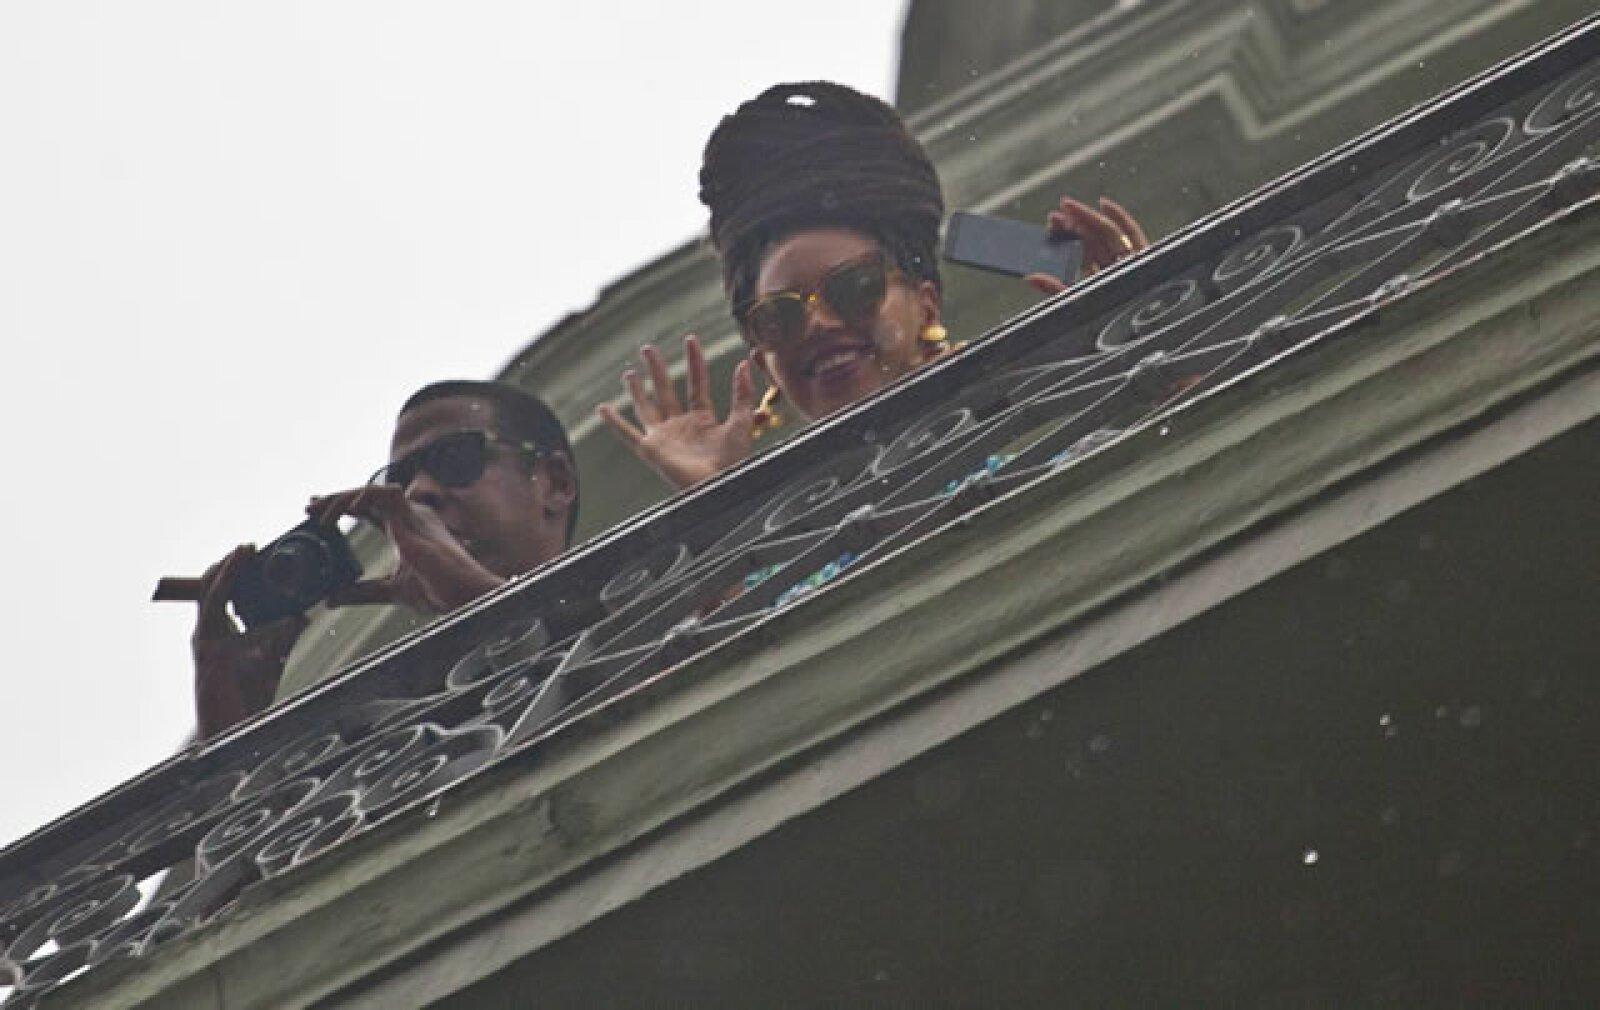 Cuando se percataron que había mucha gente esperando saludarlos, se asomaron por el balcón y regalaron fotos y sonrisas a todos.